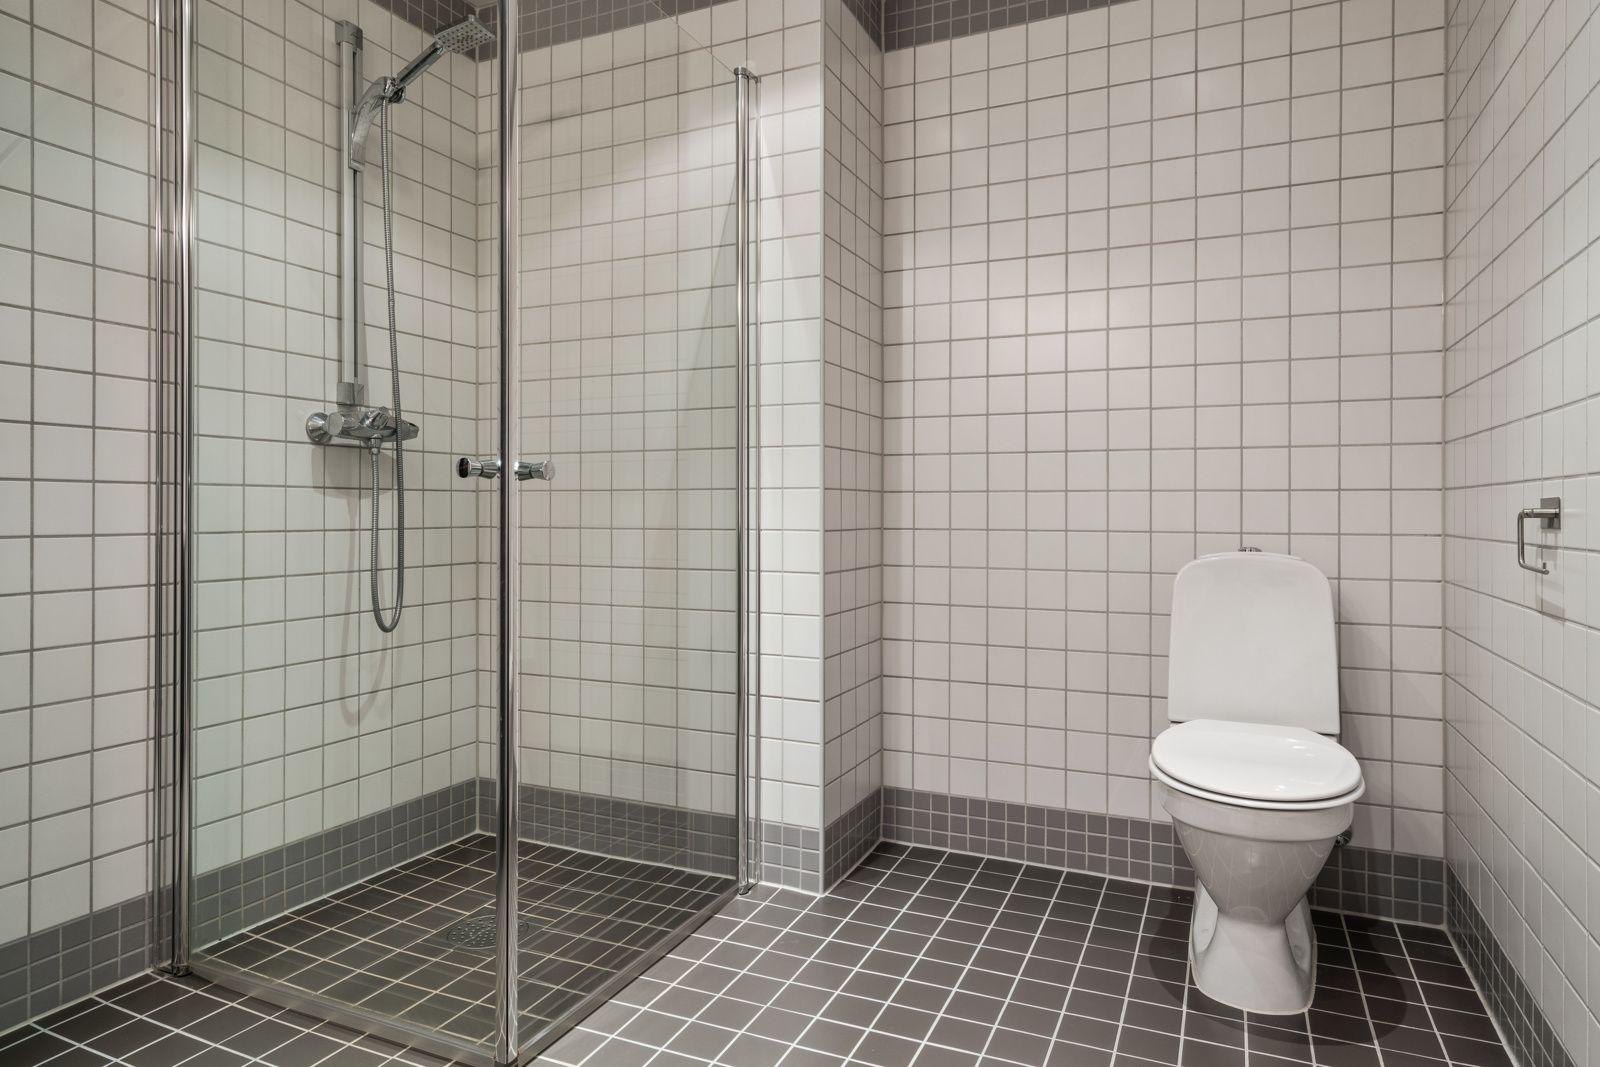 Teglverksgata 11 Gulvmontert wc og dusjnisje med innfellbare glassdører.